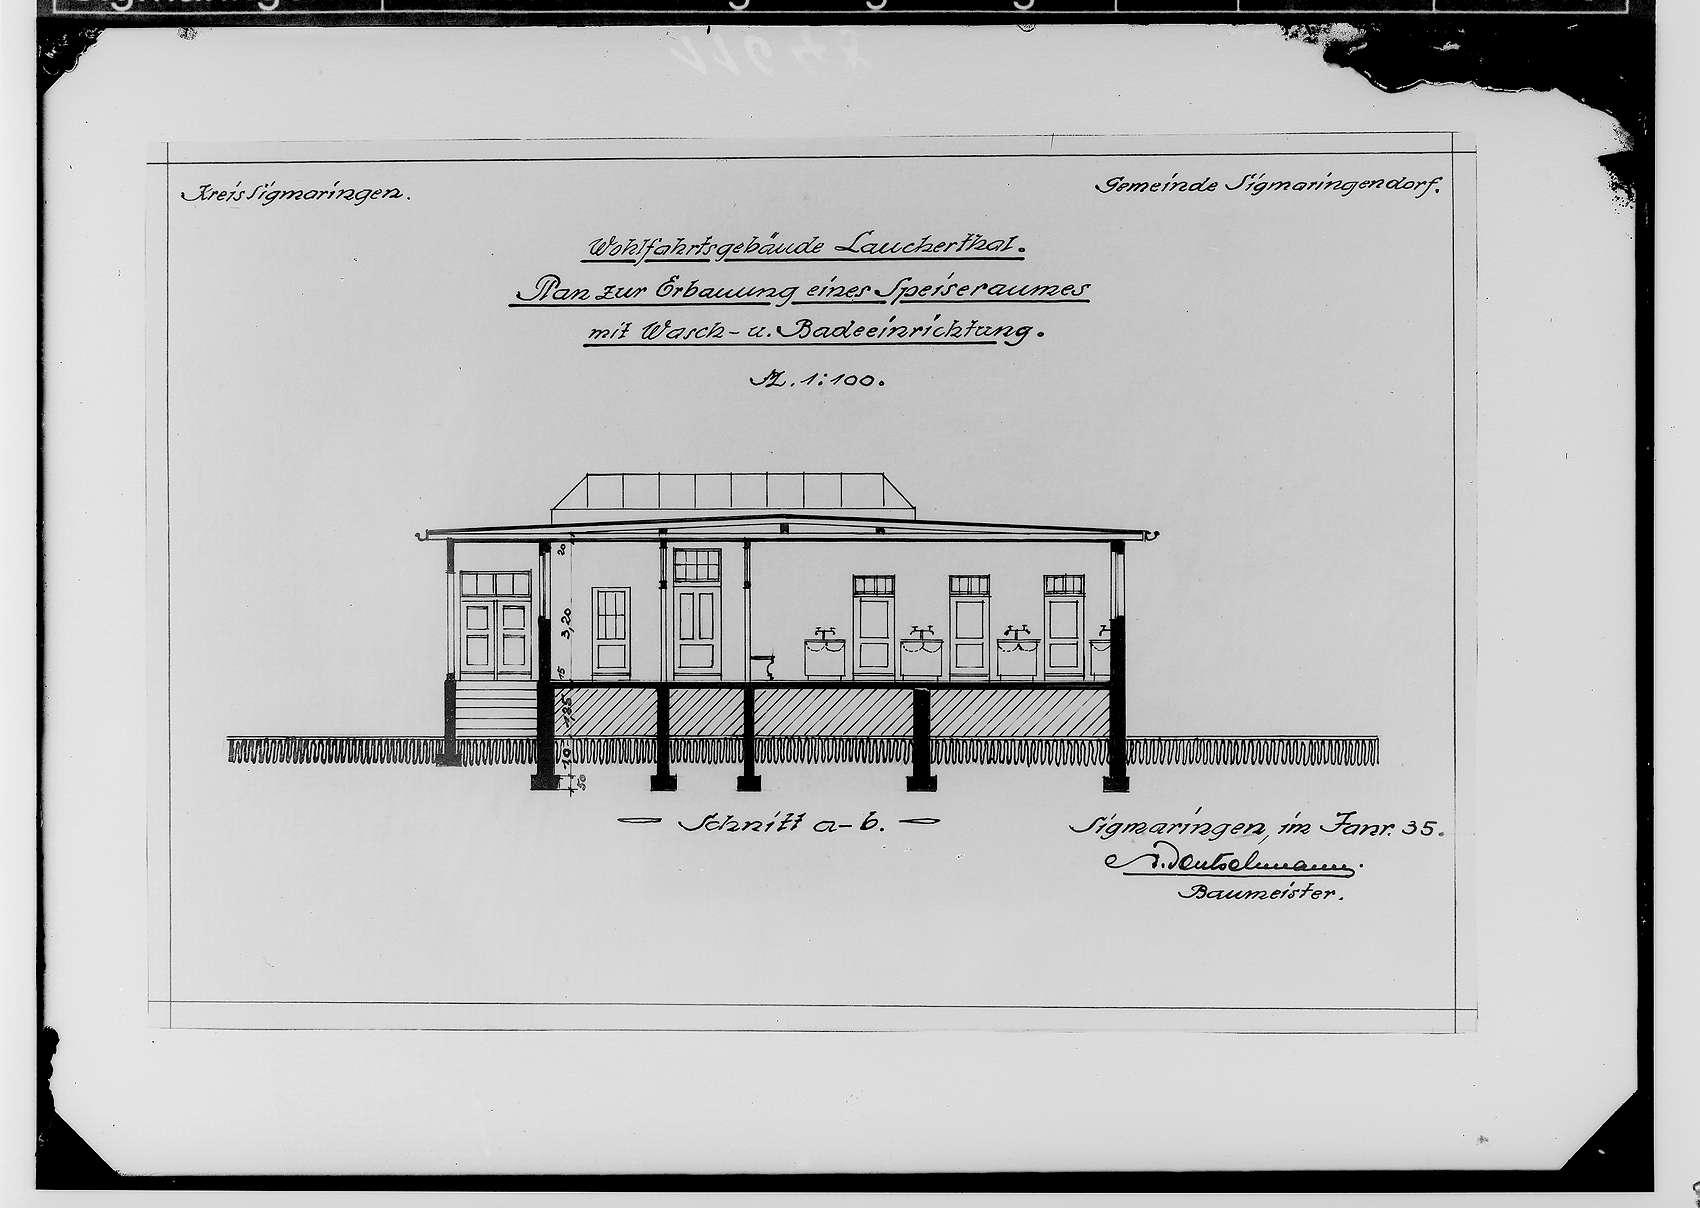 Wohlfahrtsgebäude Lauchertal der Gemeinde Sigmaringendorf 1935; Plan zur Erbauung eines Speiseraumes mit Wasch- und Badeeinrichtung - Aufriß, Bild 1